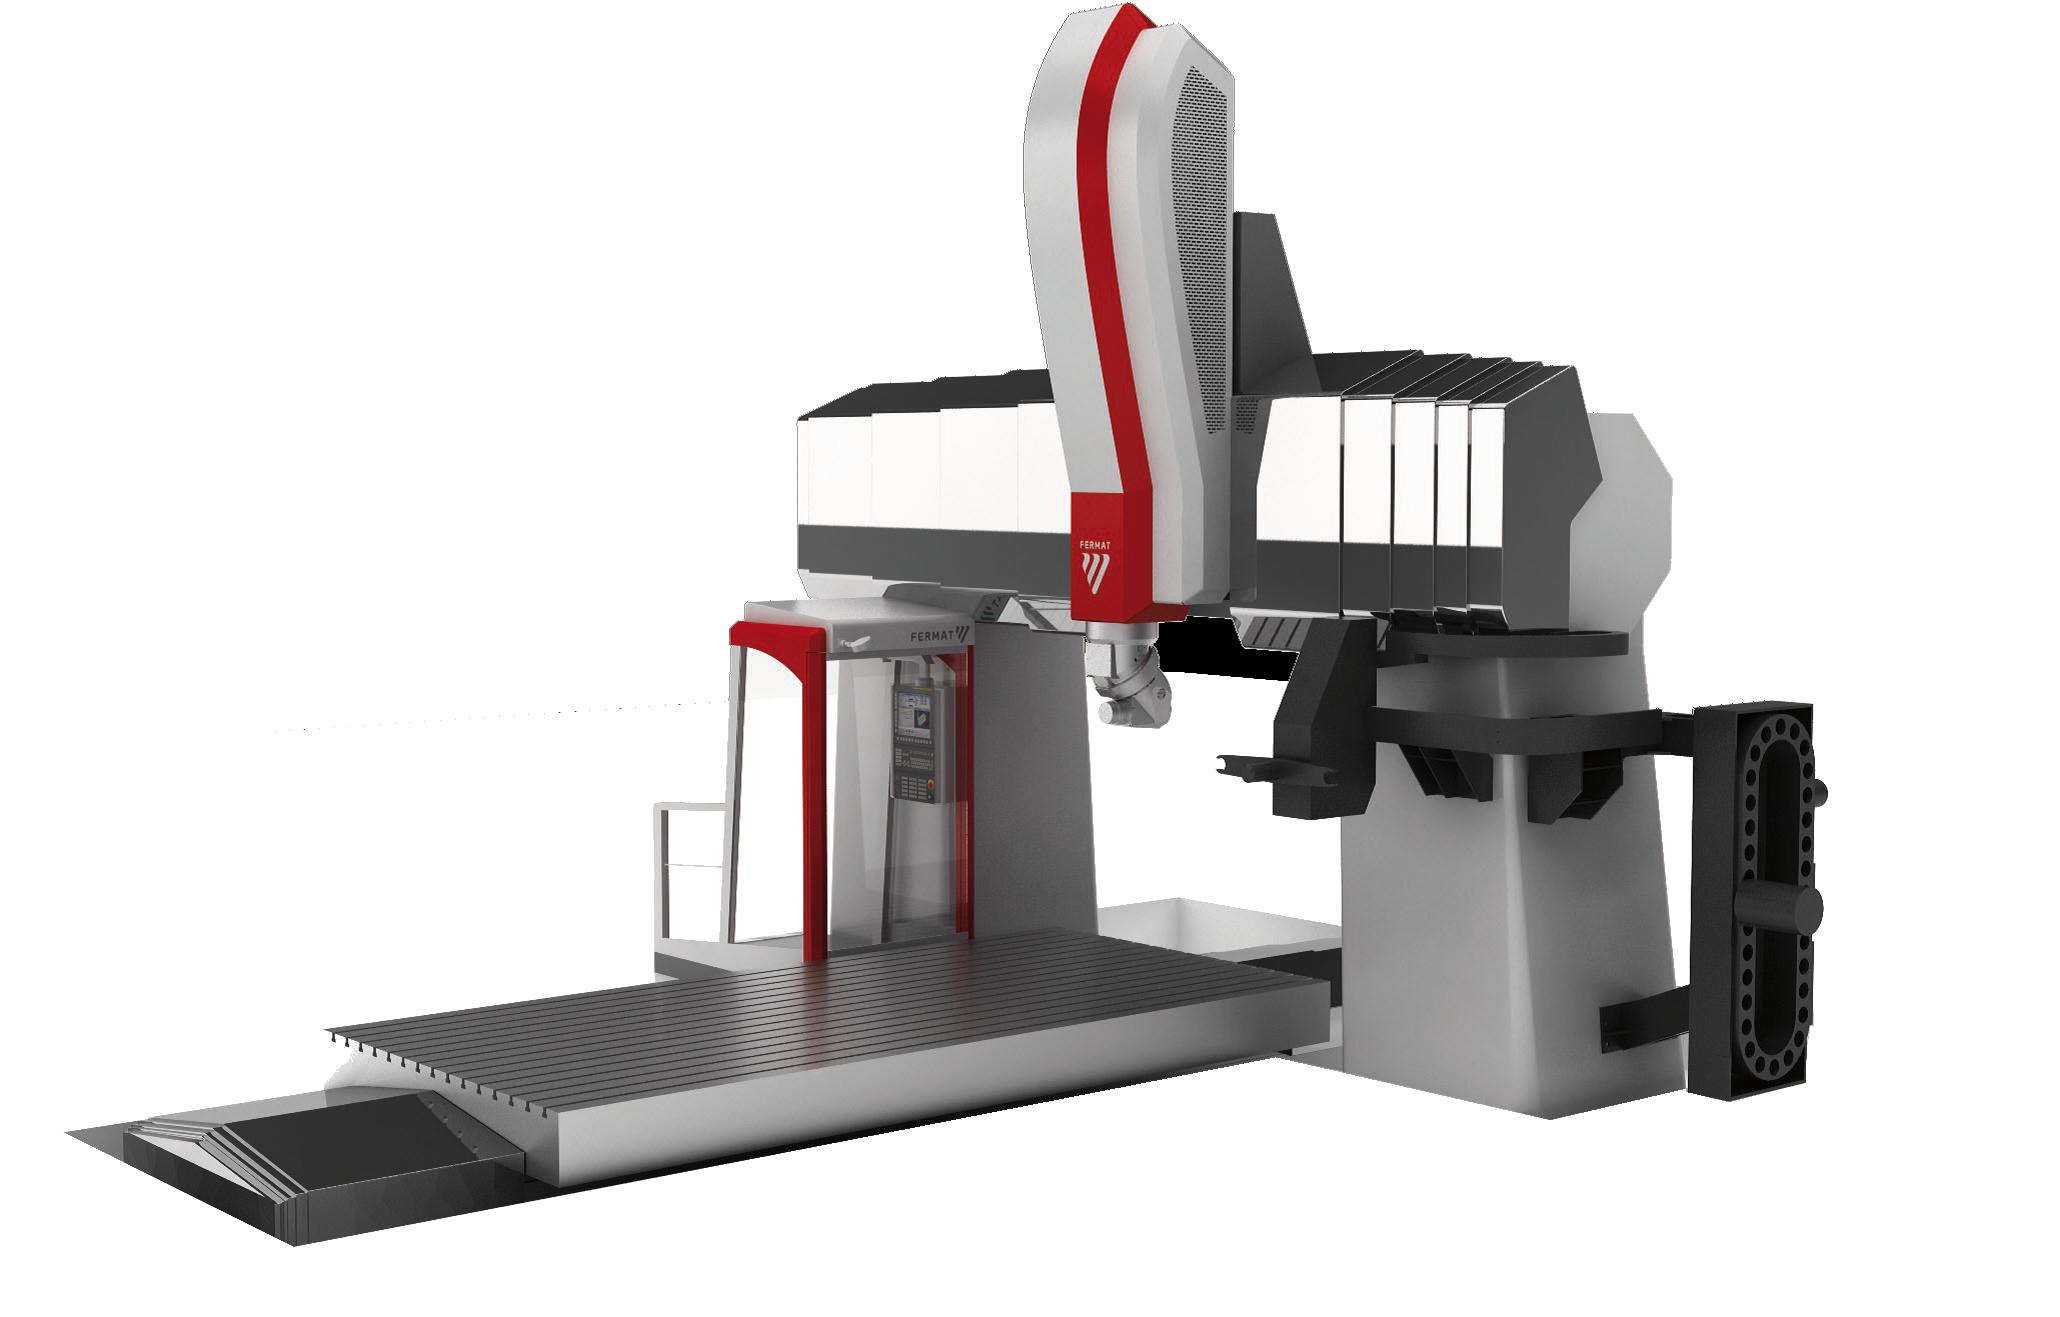 Gantry and Bridge-Type Machines - Image